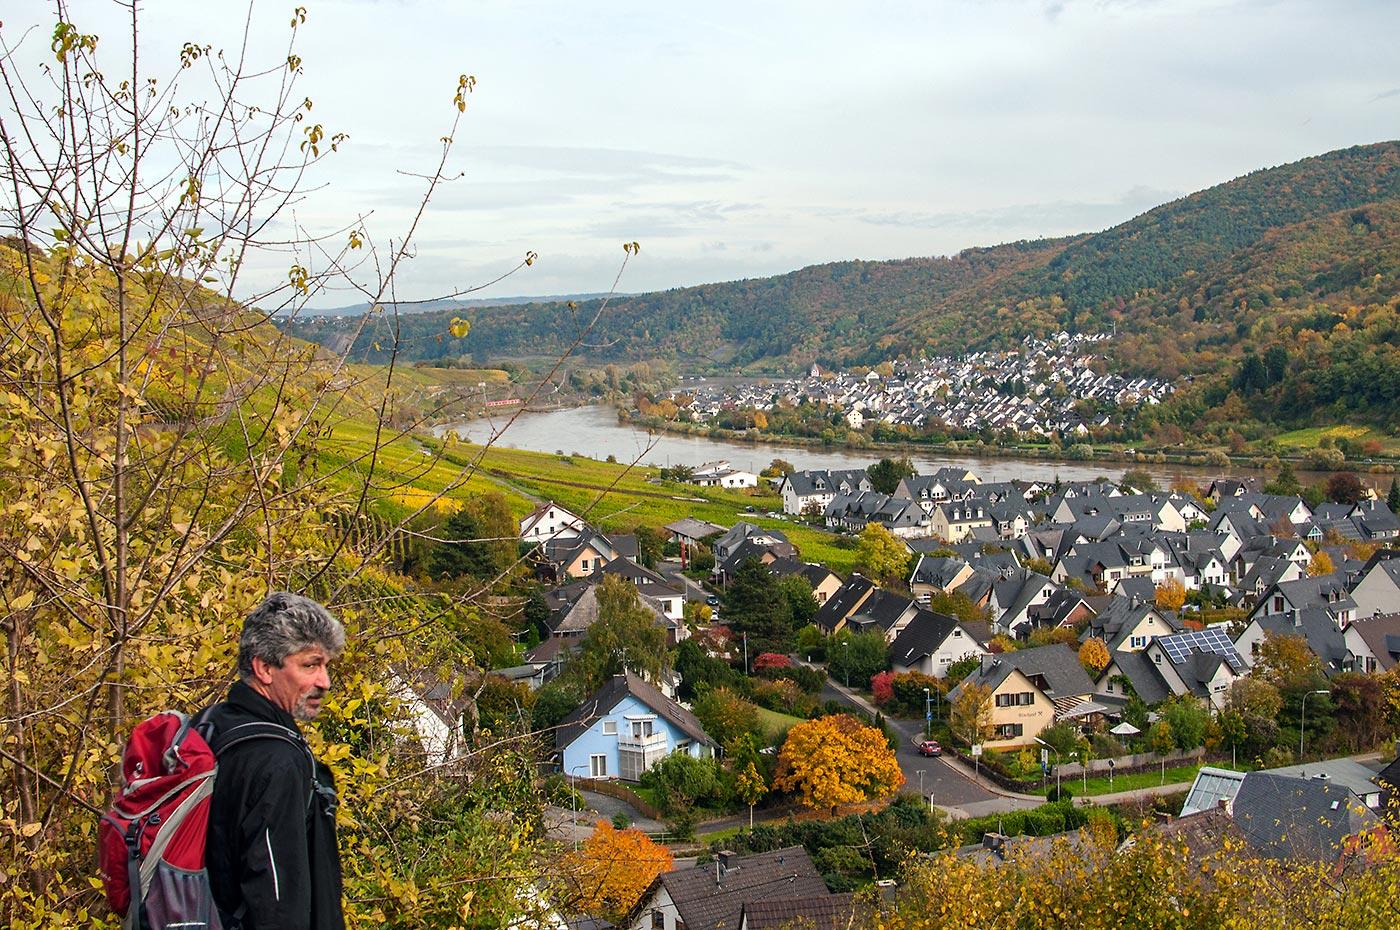 """Burgen, Berge, Moselblicke - oder: der """"Moselsteig"""" (Etappe 23: Kobern-Gondorf - Winningen)"""